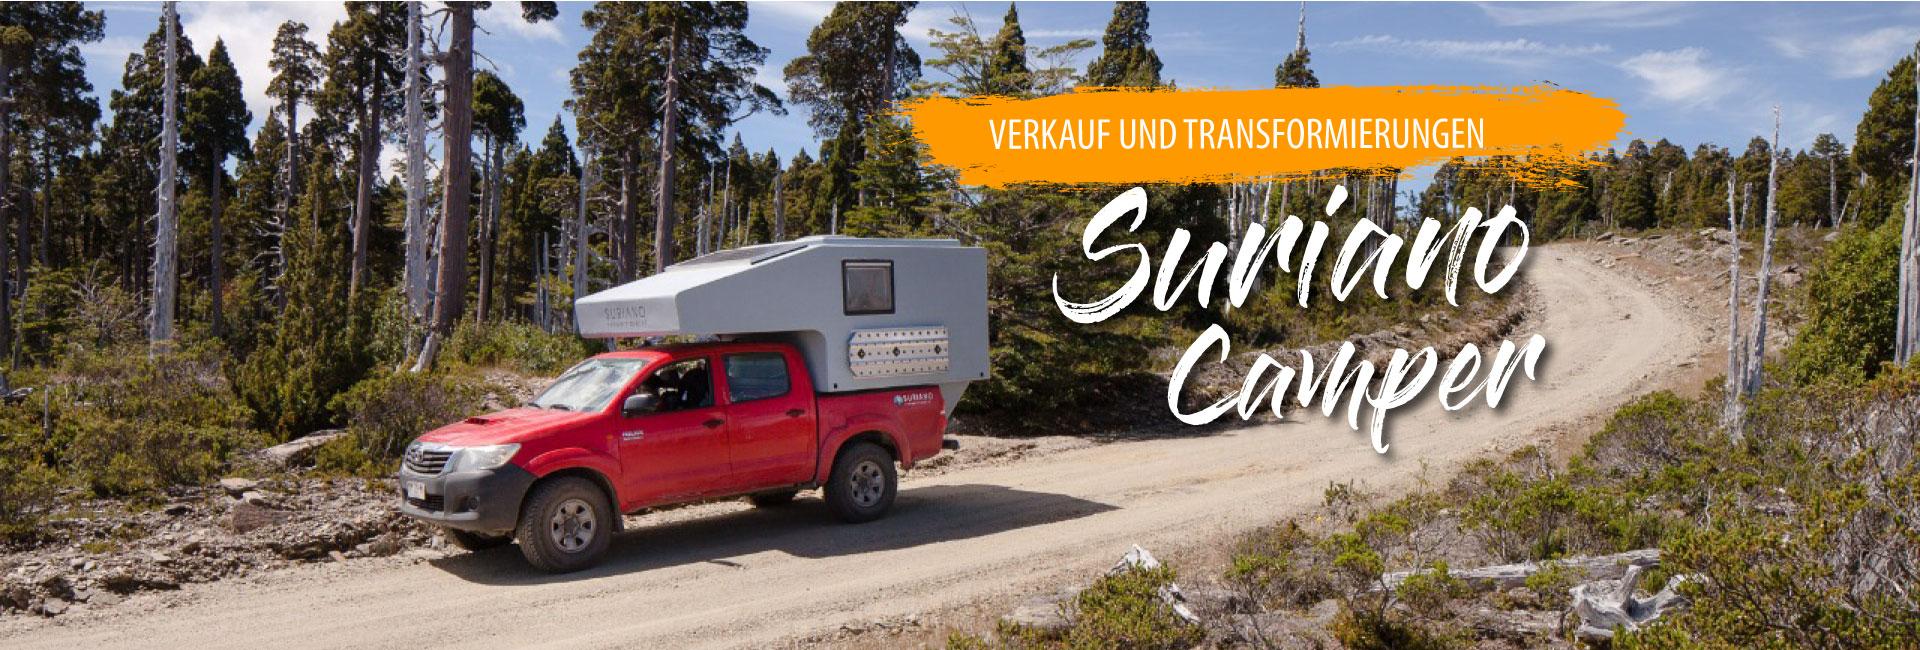 banner-camper0